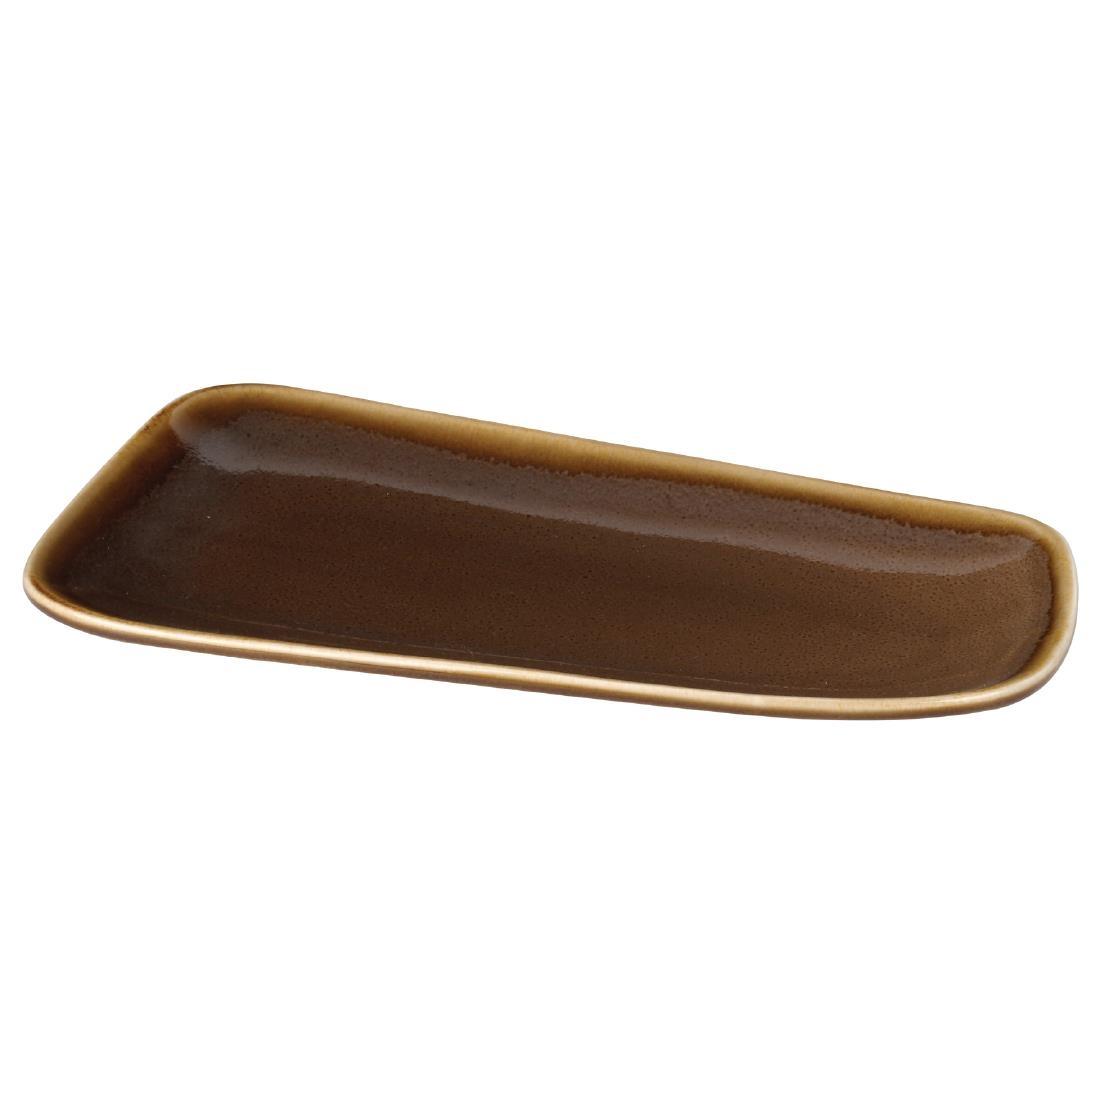 Platter - Bark